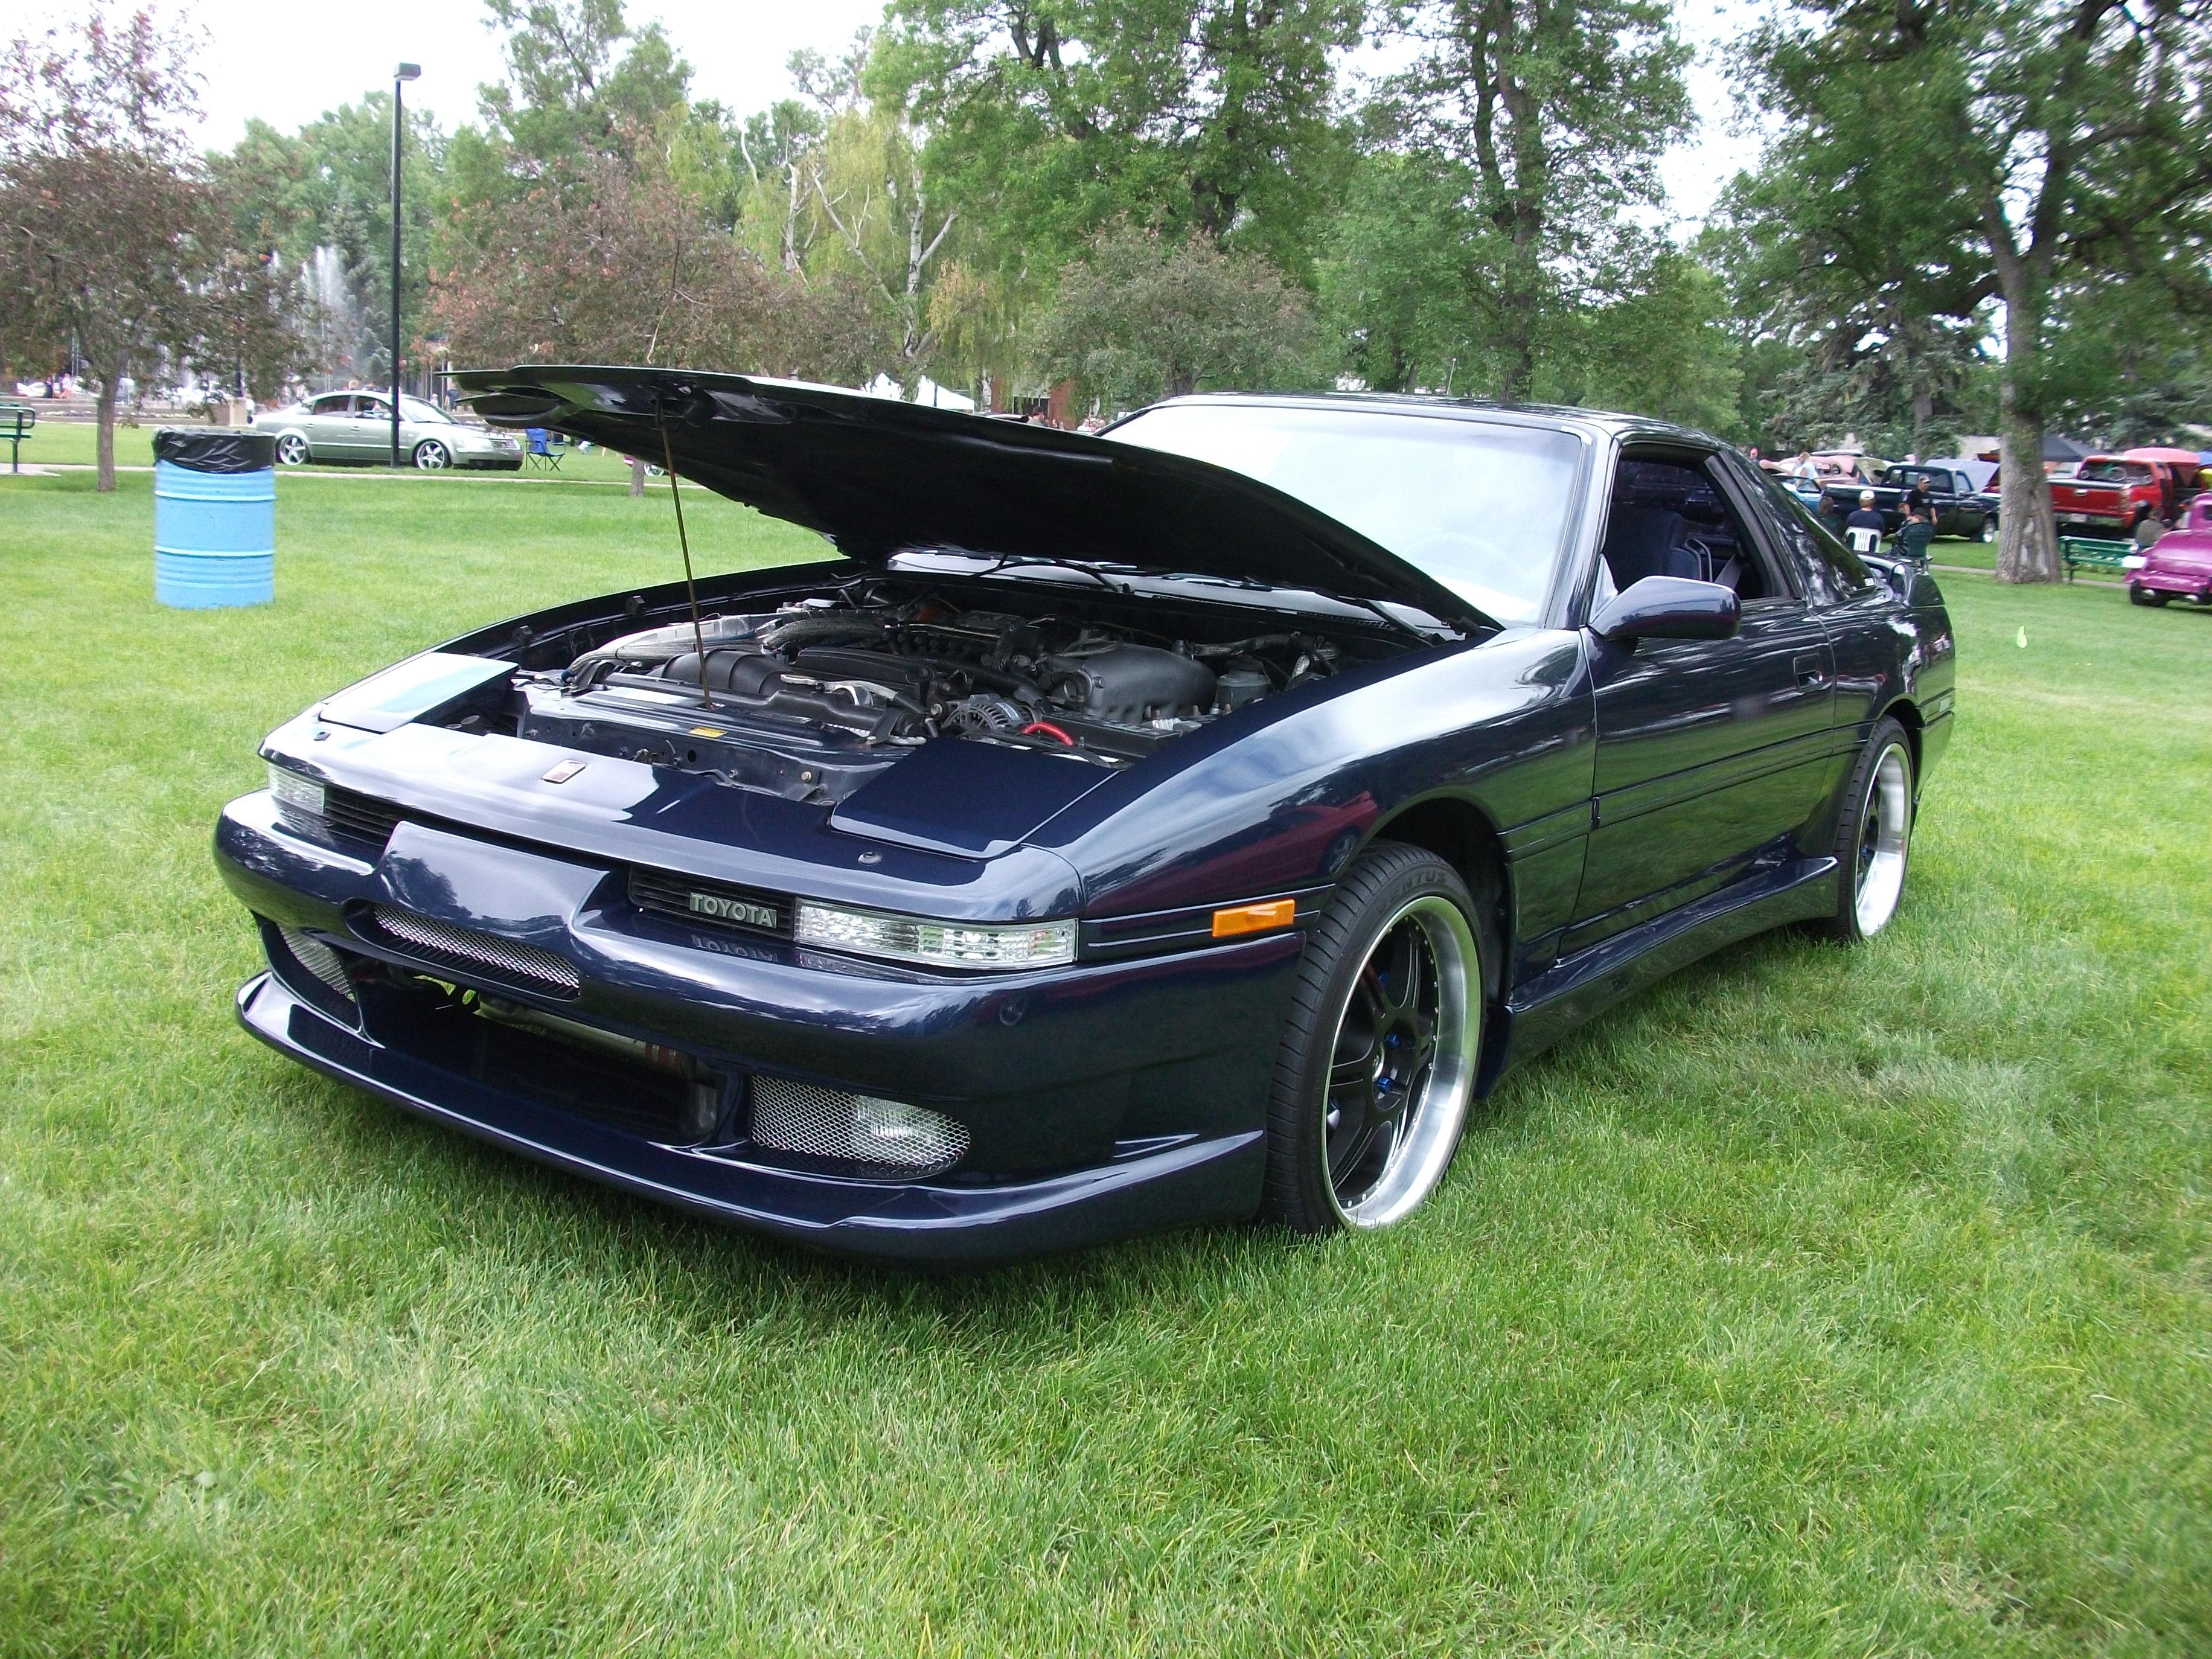 Kelebihan Toyota Supra 1990 Spesifikasi